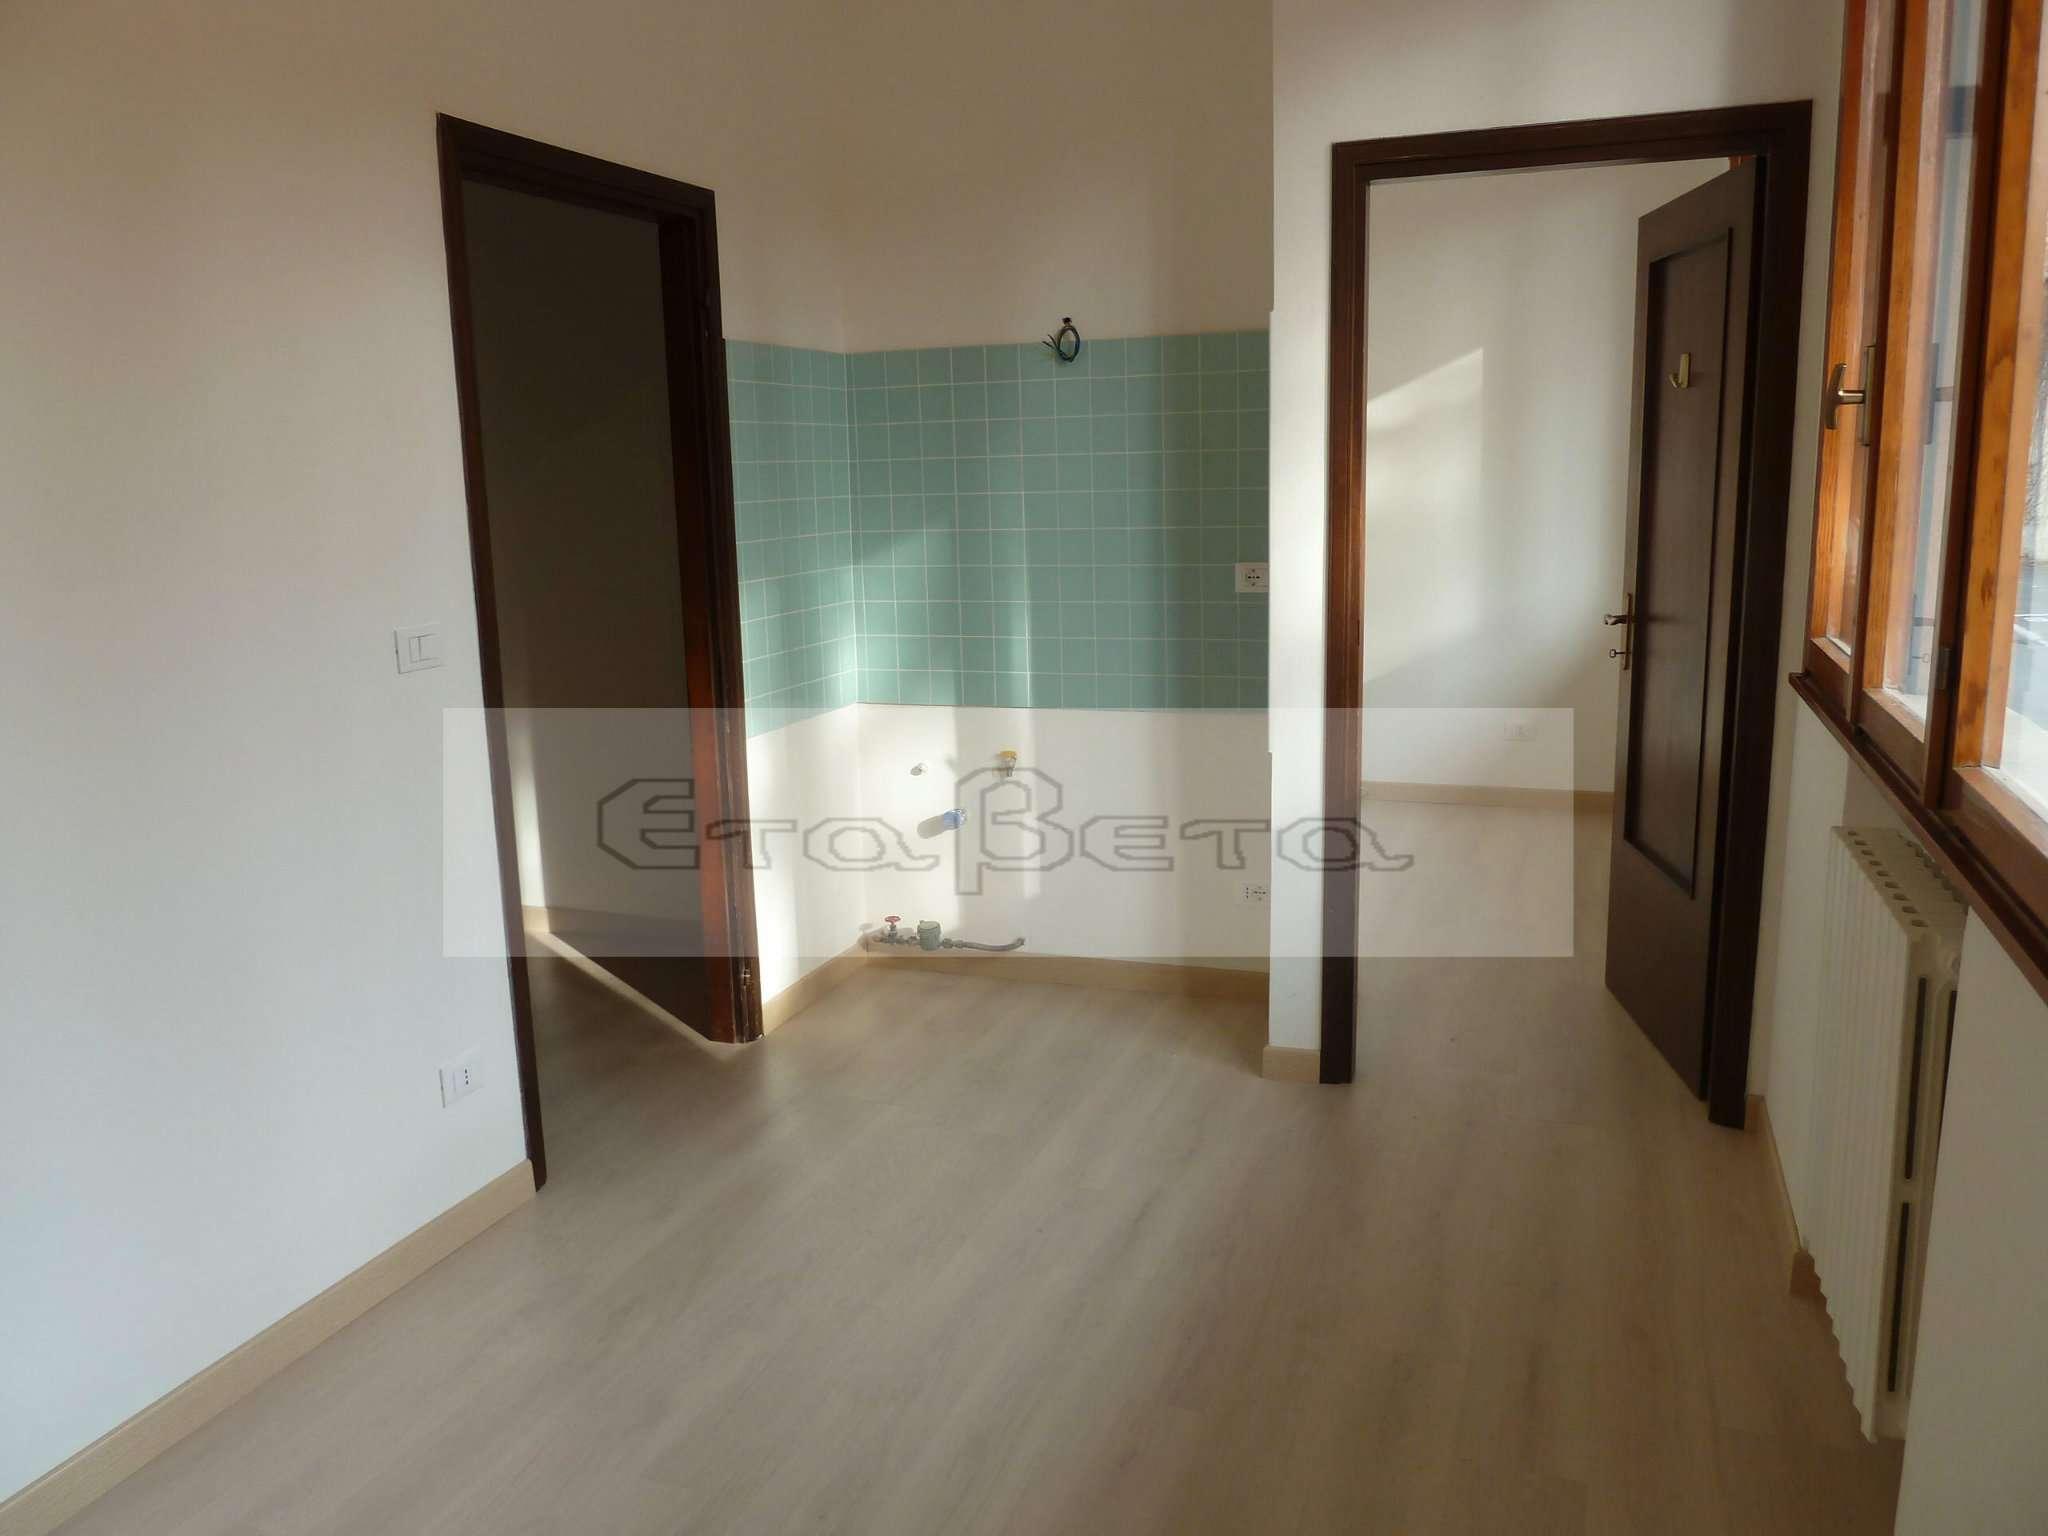 Appartamento in buone condizioni arredato in vendita Rif. 8807248